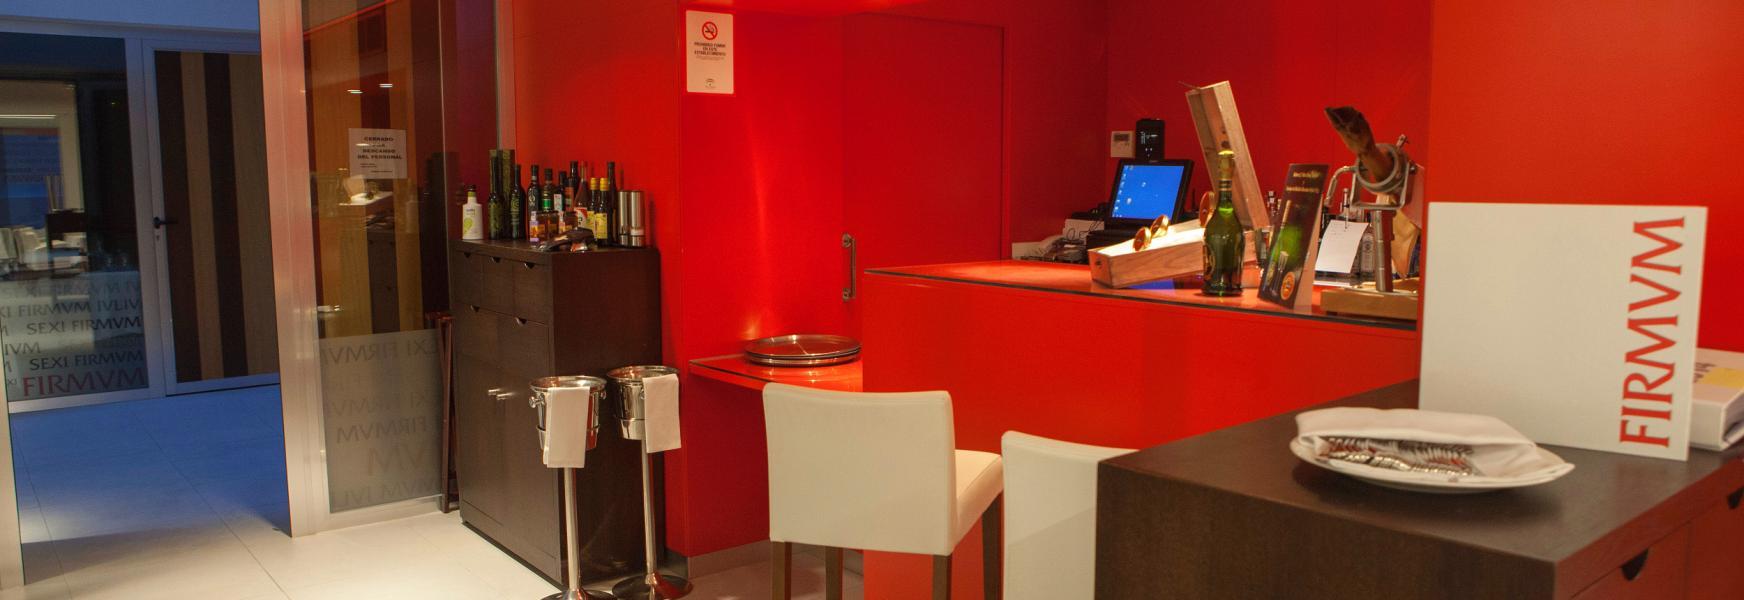 Restaurante Firmvm Almuñecar. Menu de Temporada